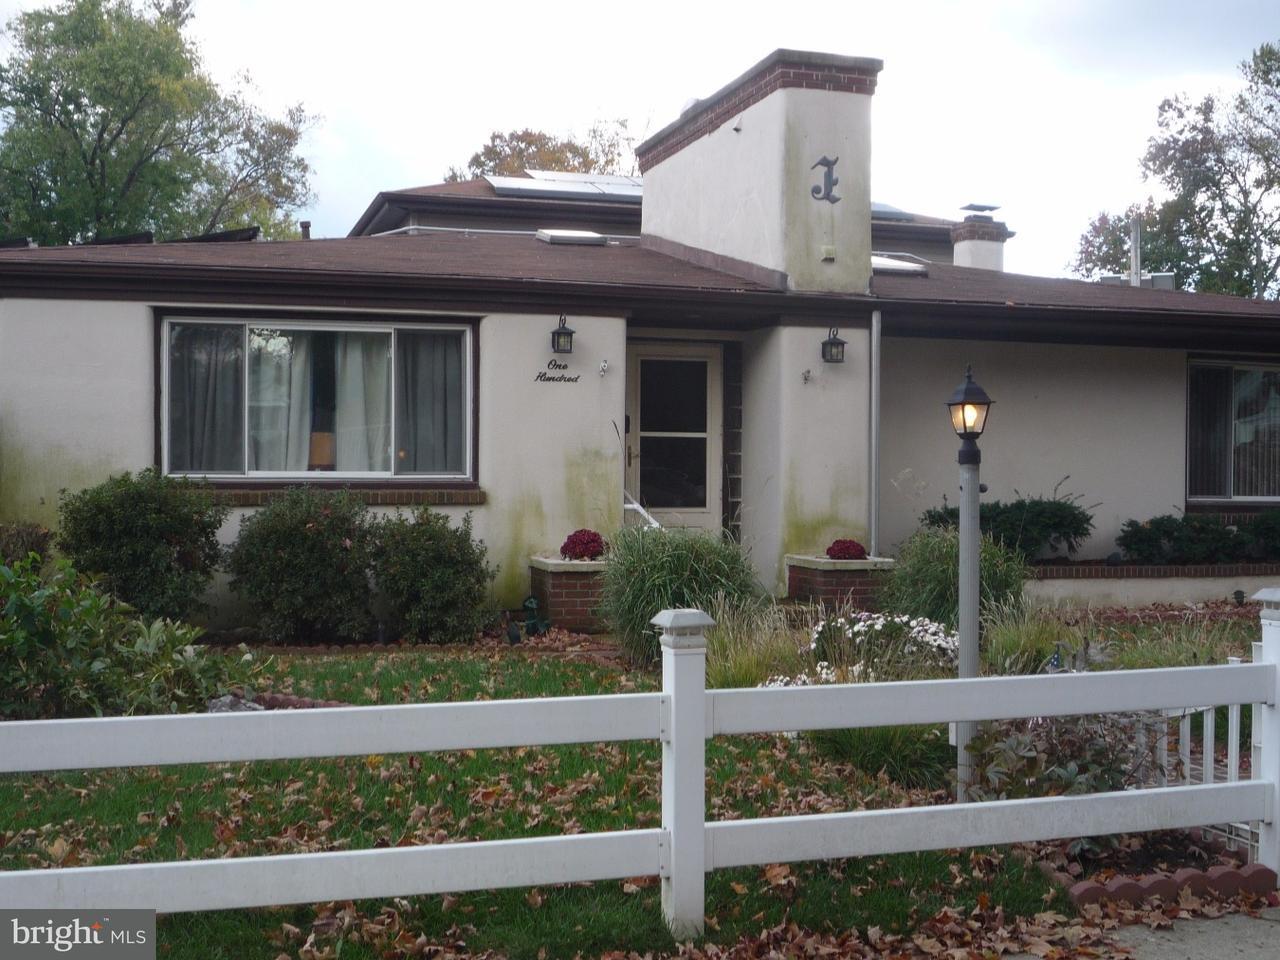 独户住宅 为 销售 在 100 E LINWOOD Avenue Maple Shade, 新泽西州 08052 美国